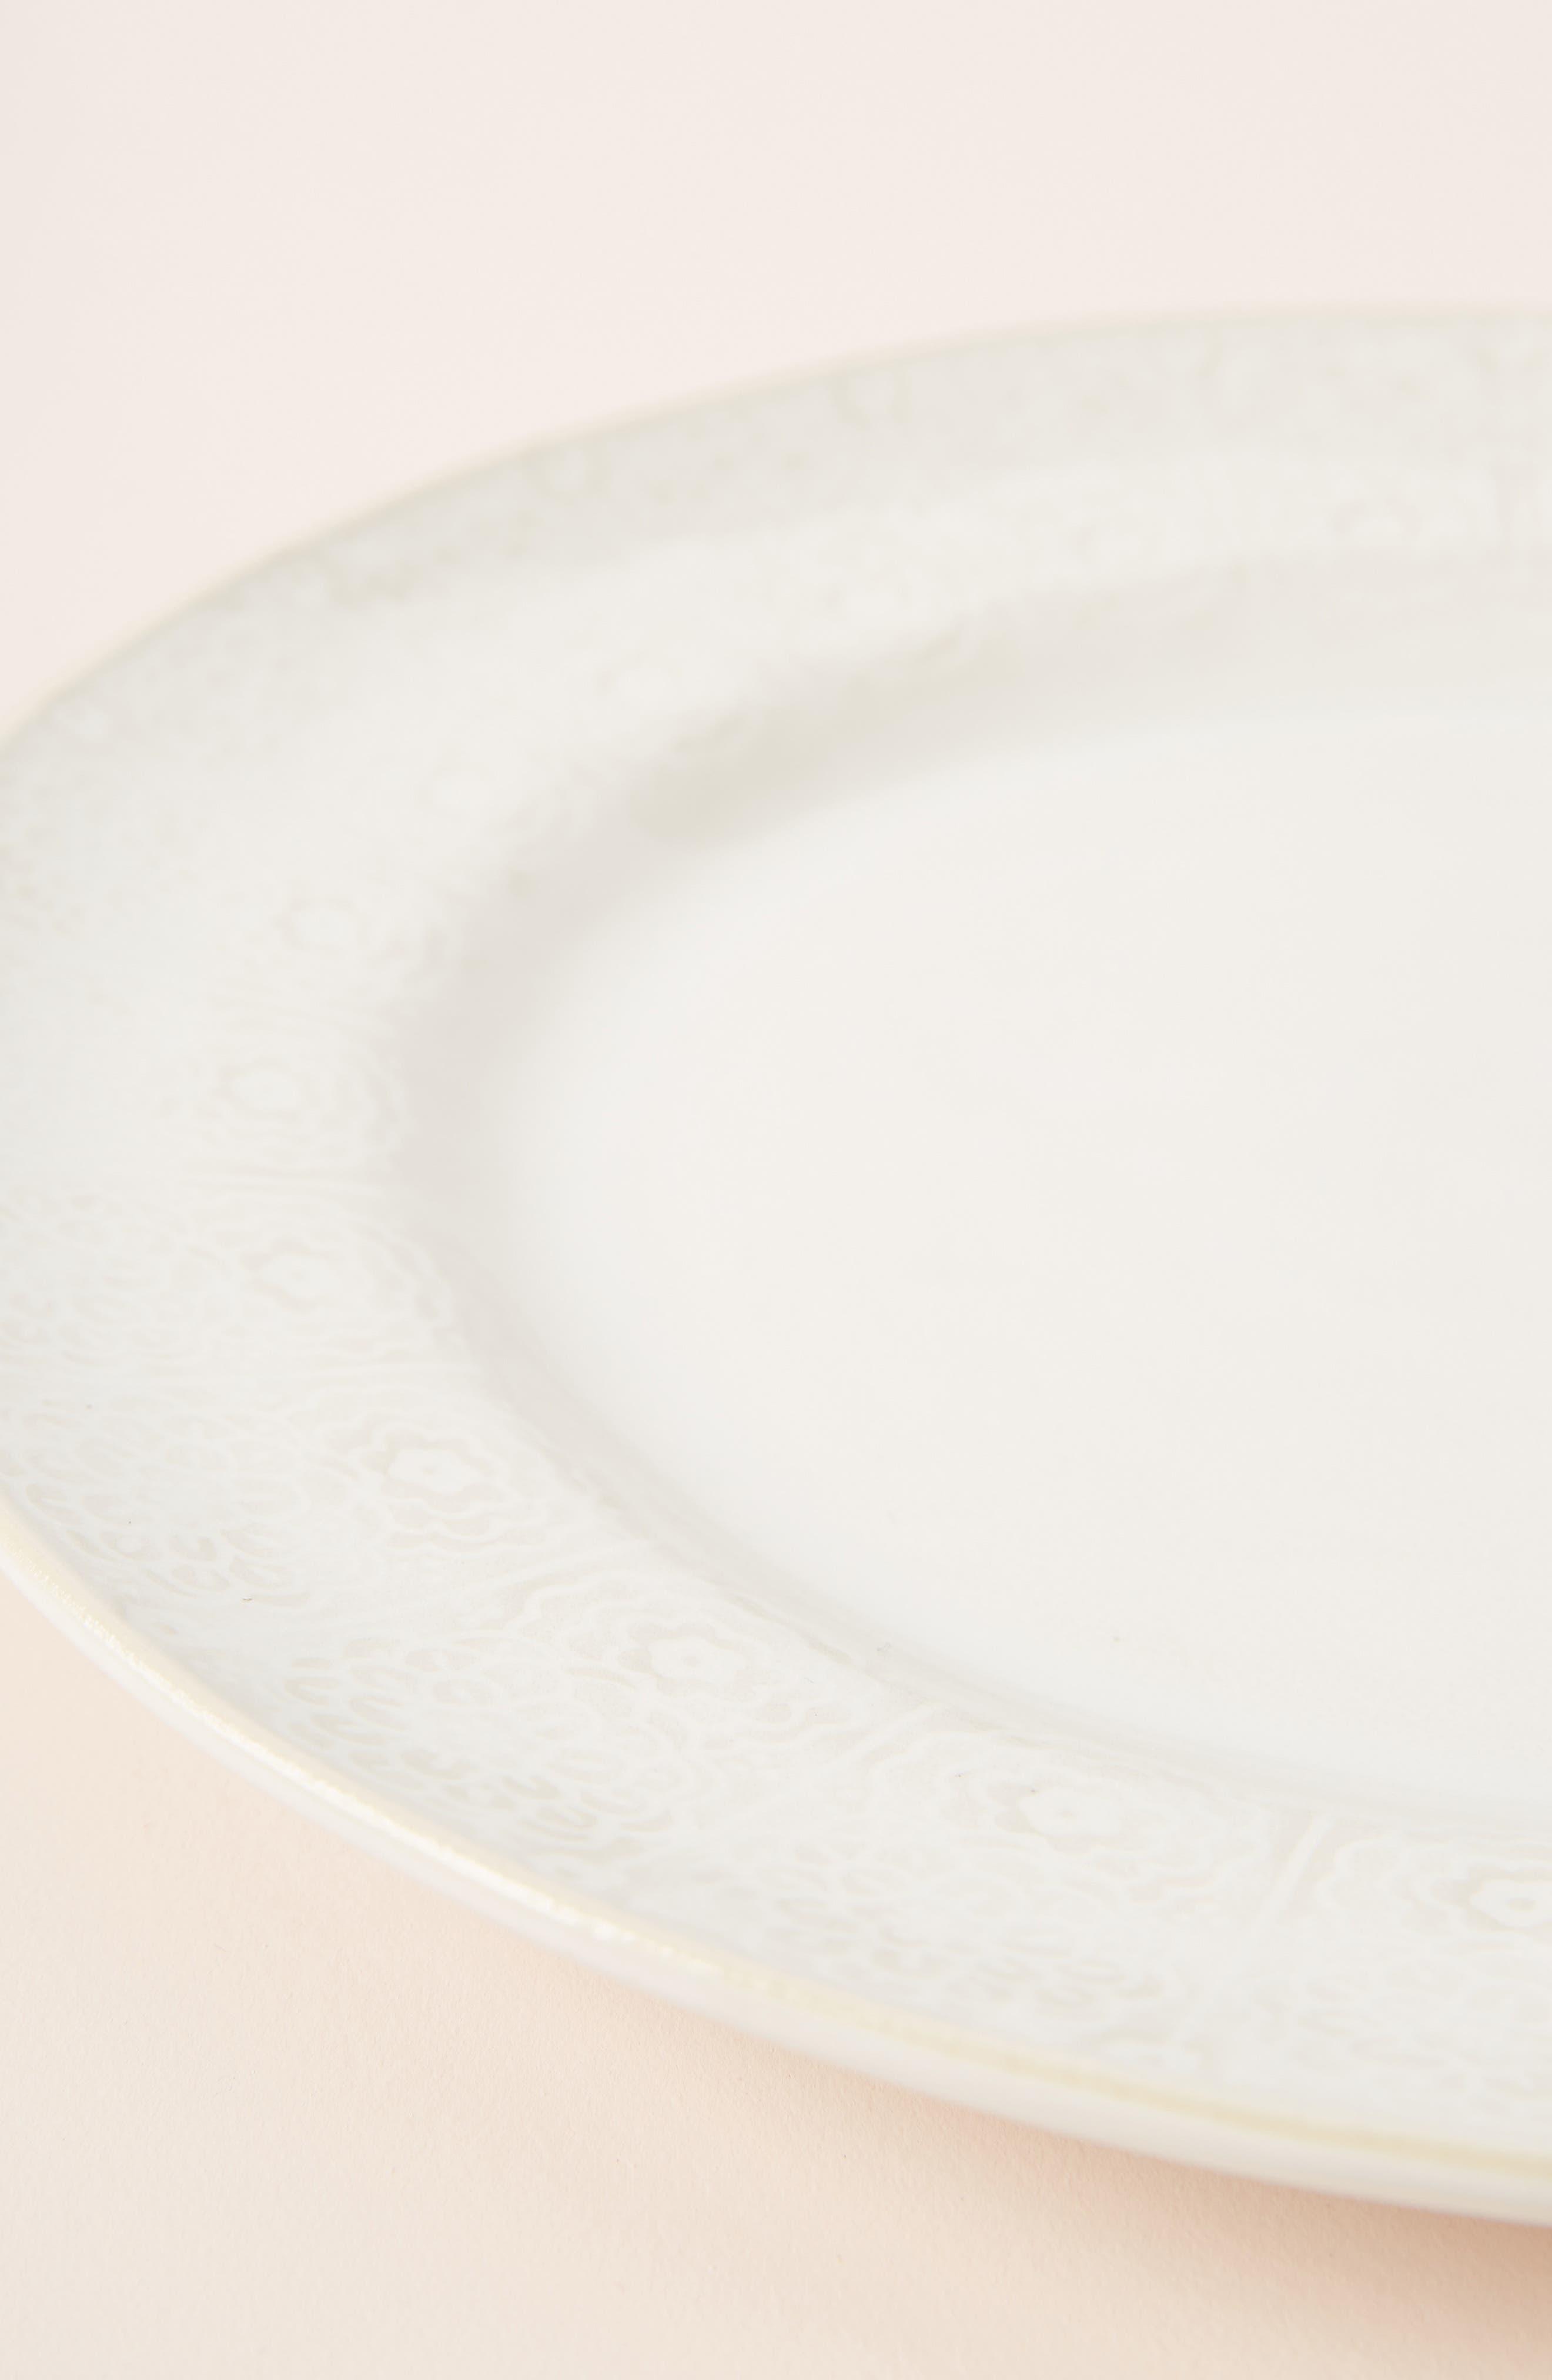 ANTHROPOLOGIE,                             Veru Dinner Plate,                             Alternate thumbnail 3, color,                             WHITE